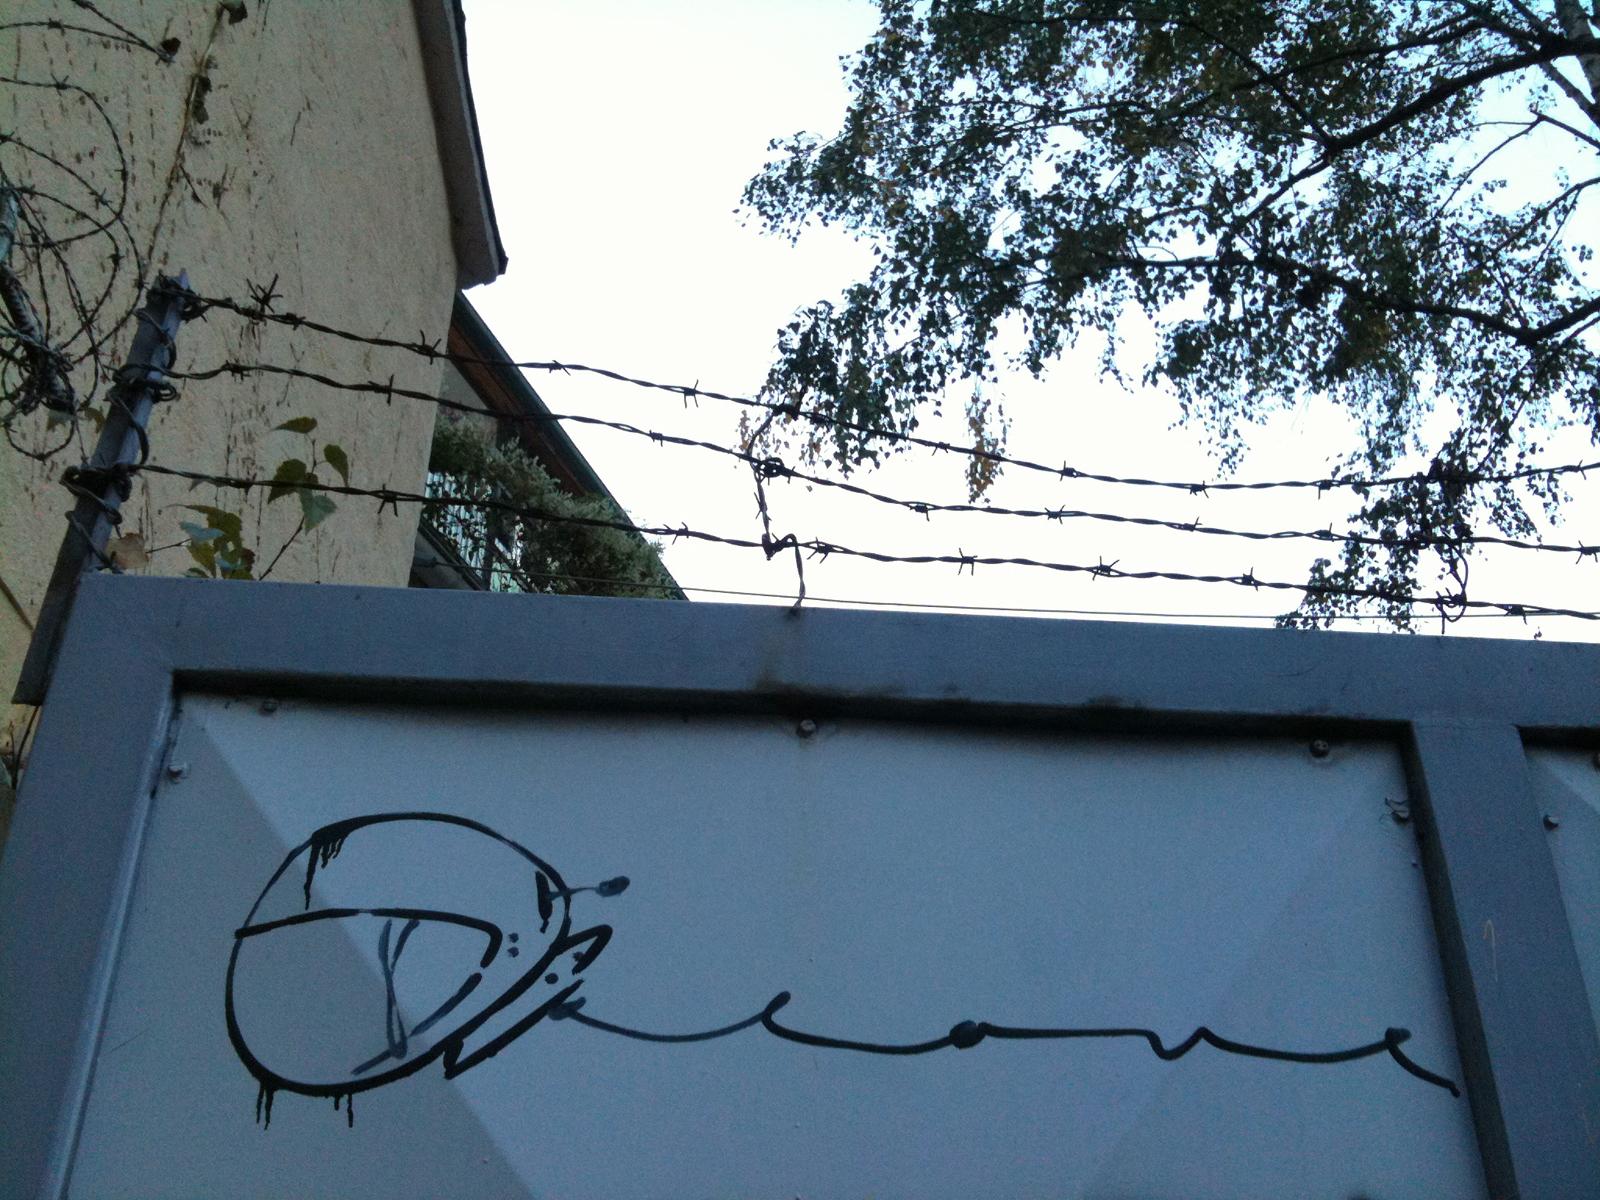 Streetart in Frankfurt - Astronaut